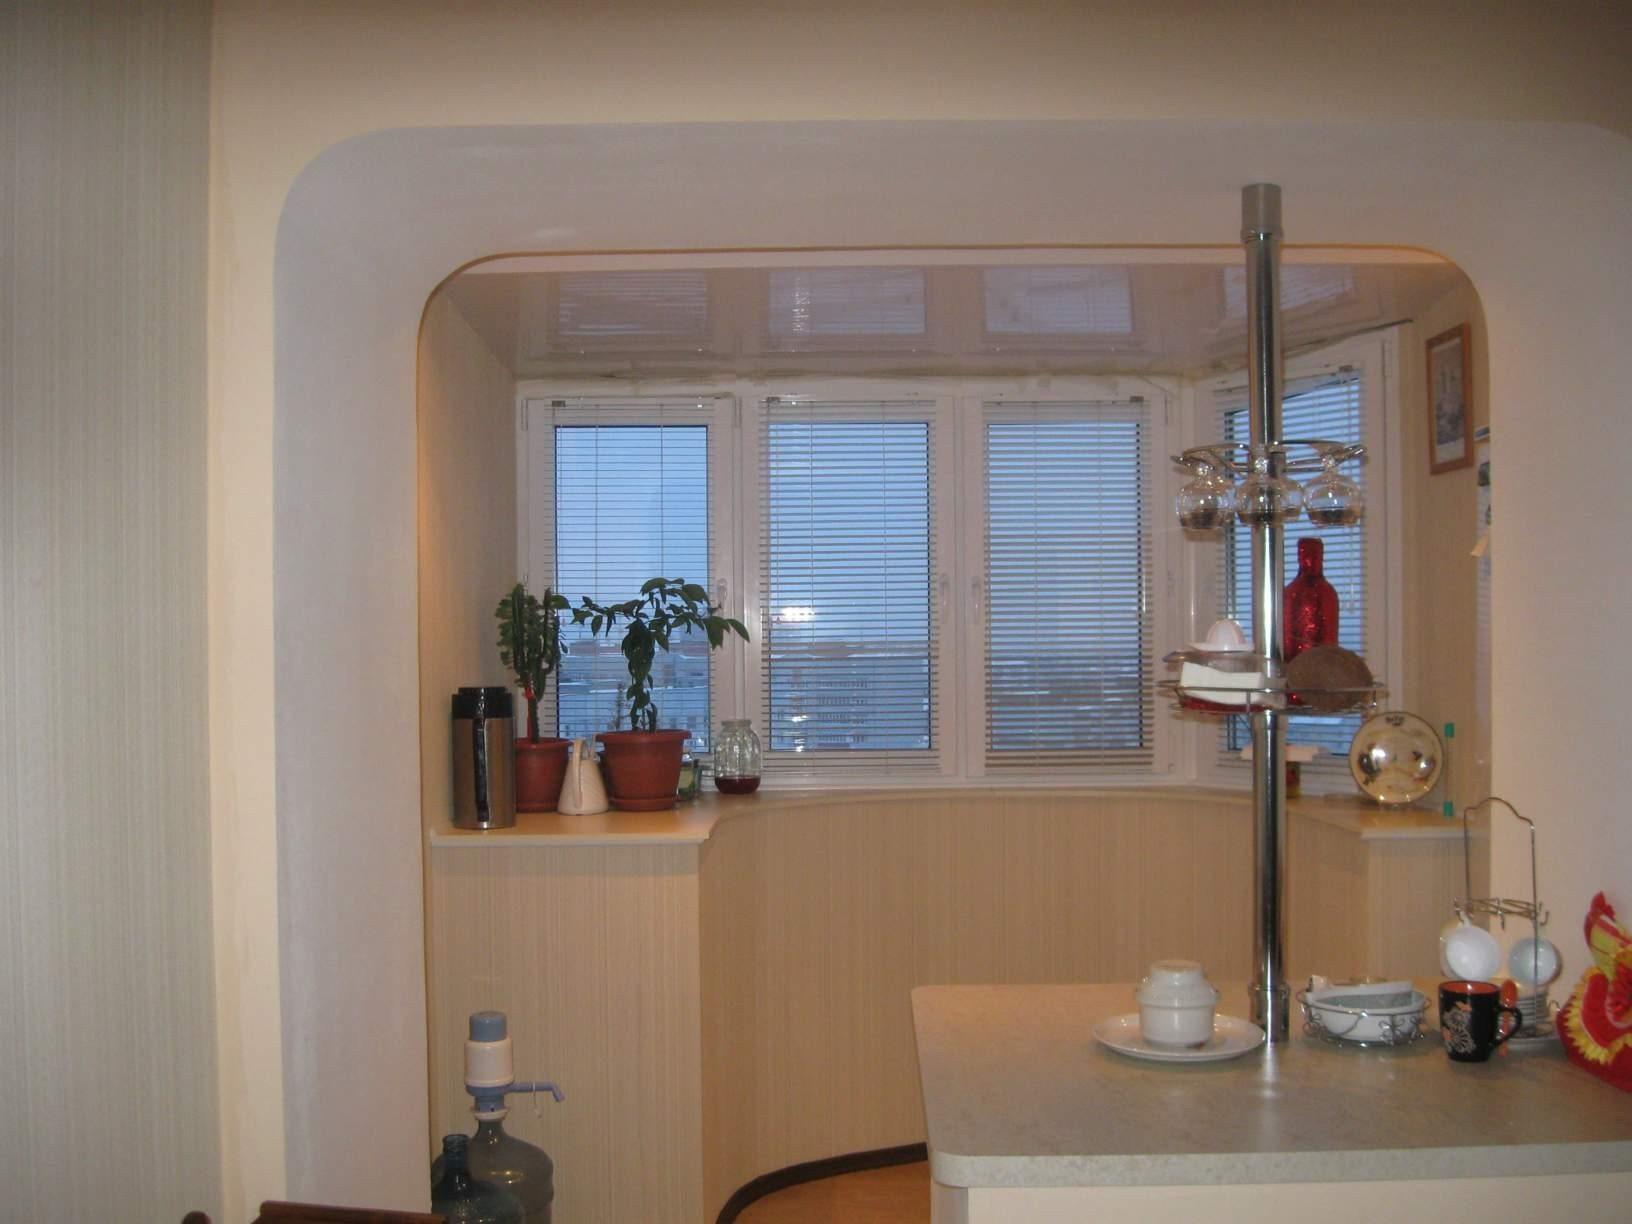 Дизайн кухни с балконом или лоджией - 25 фото идей обустройс.